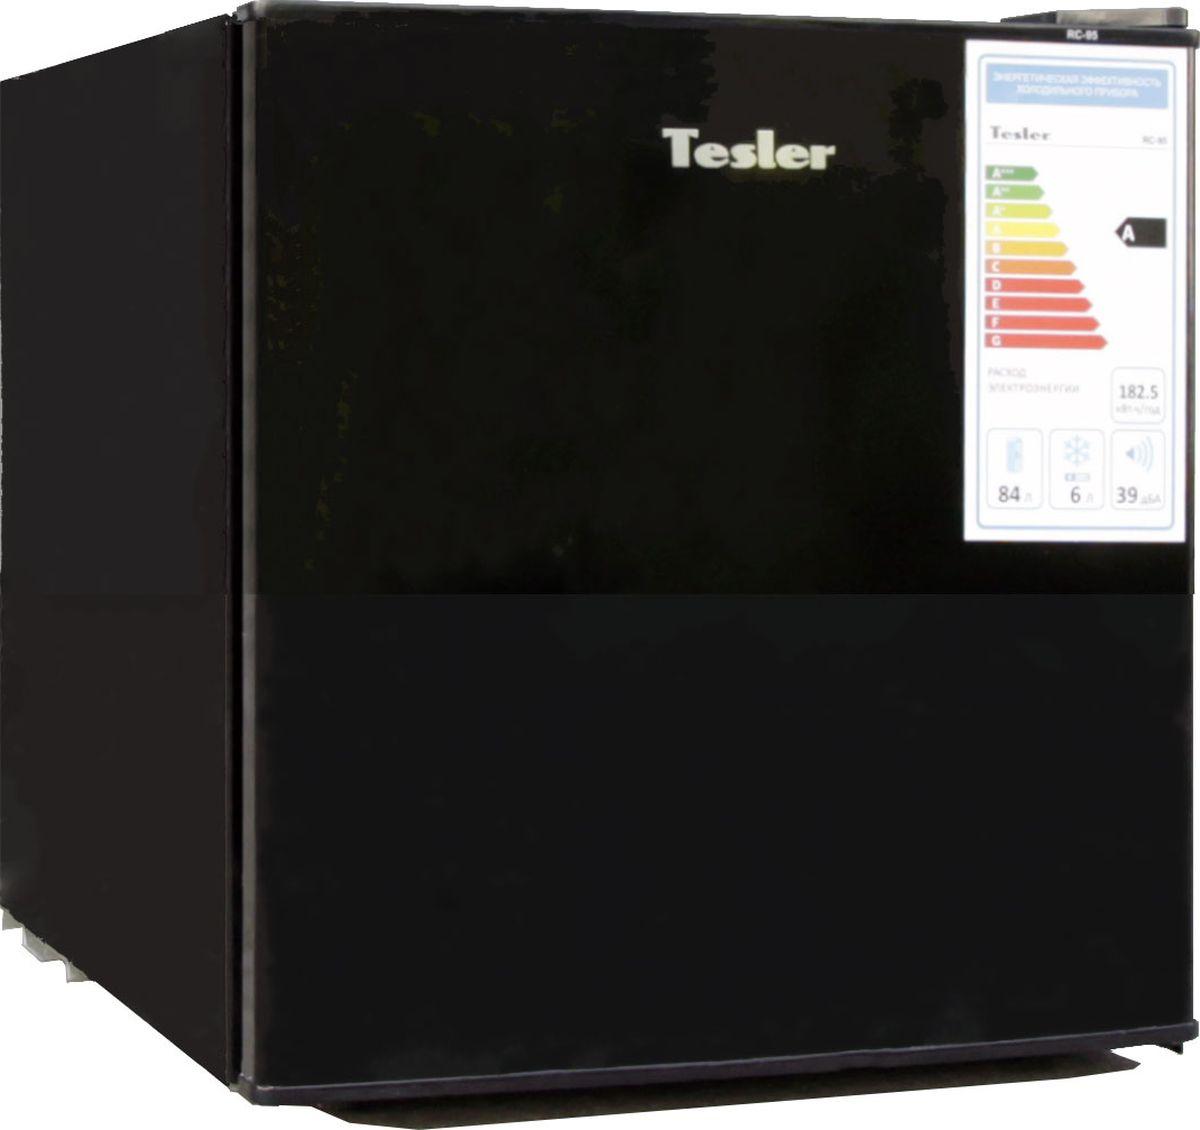 Tesler RC-55, Black холодильник - Холодильники и морозильные камеры